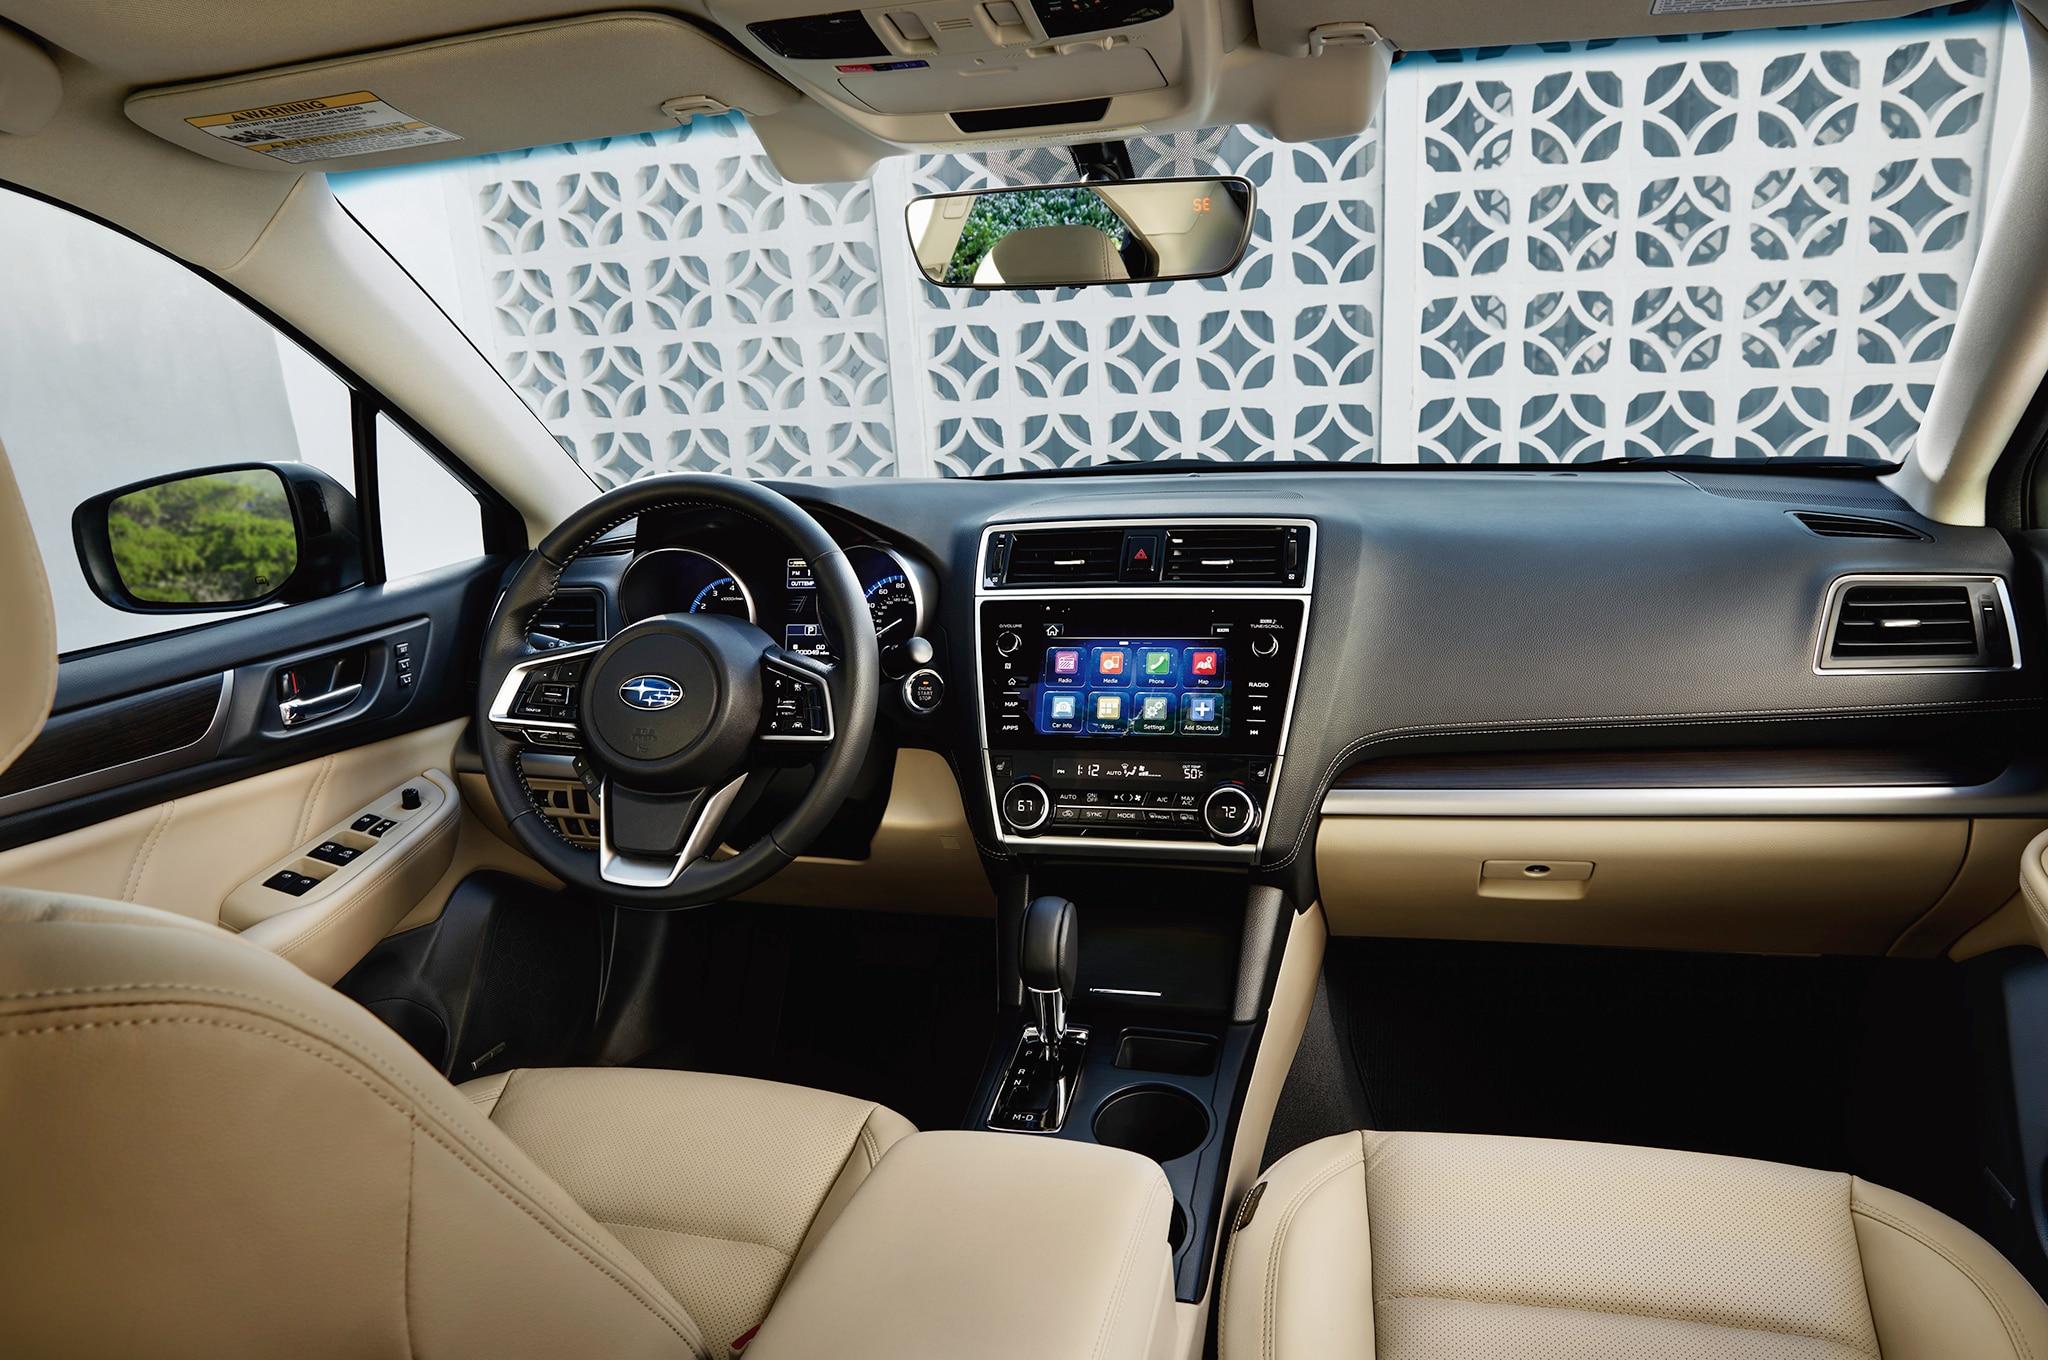 2018 Subaru Legacy interior